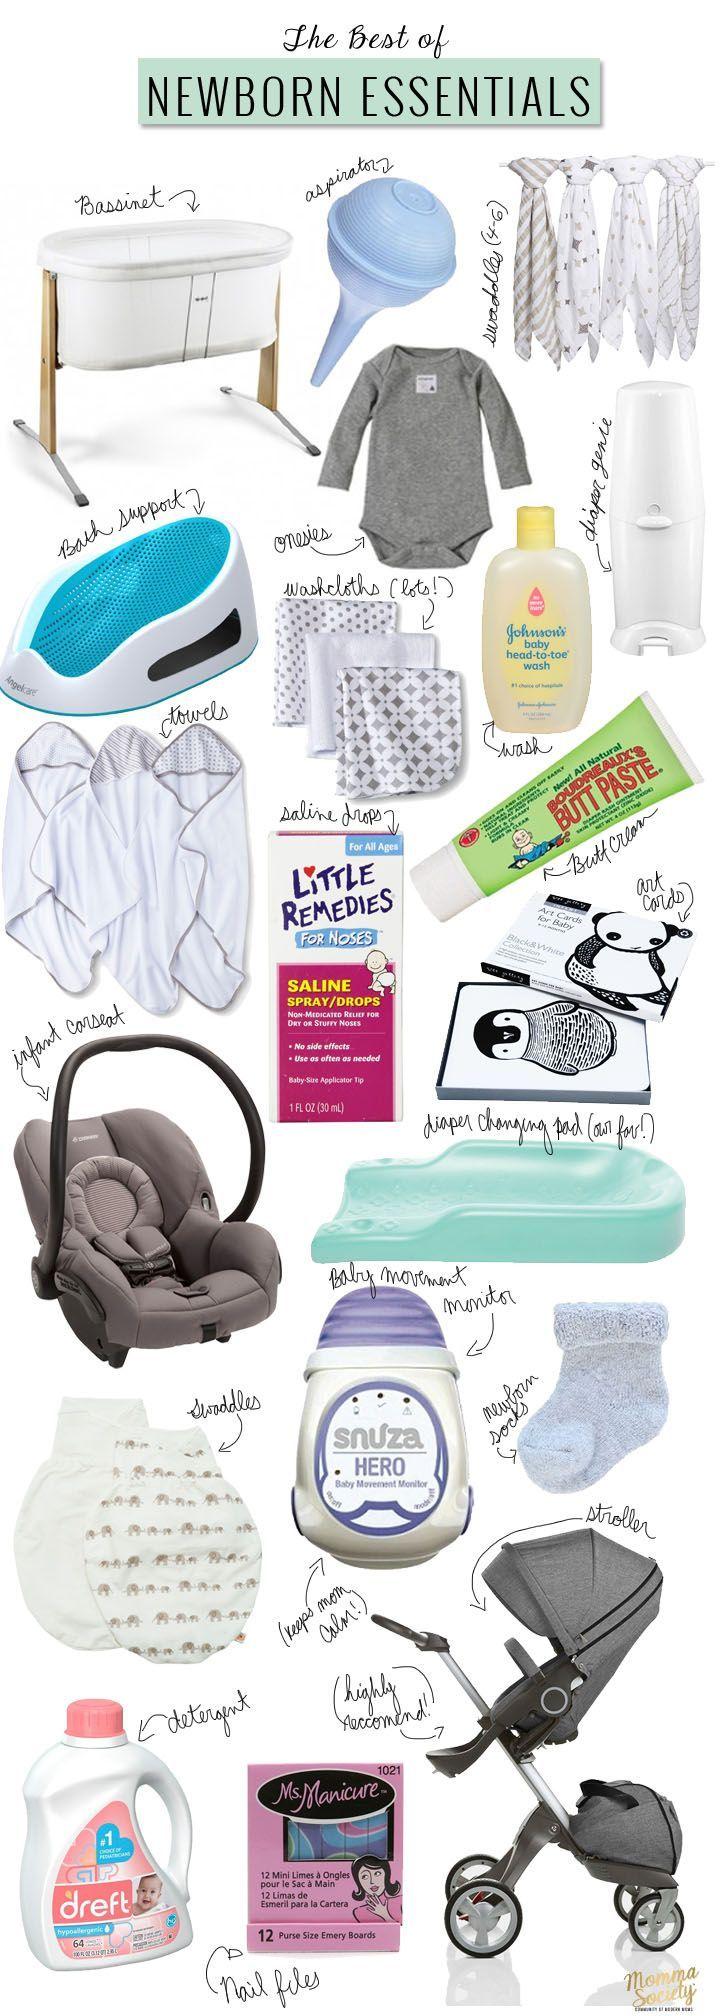 Newborn Baby Gear Essentials Free Printable Checklist